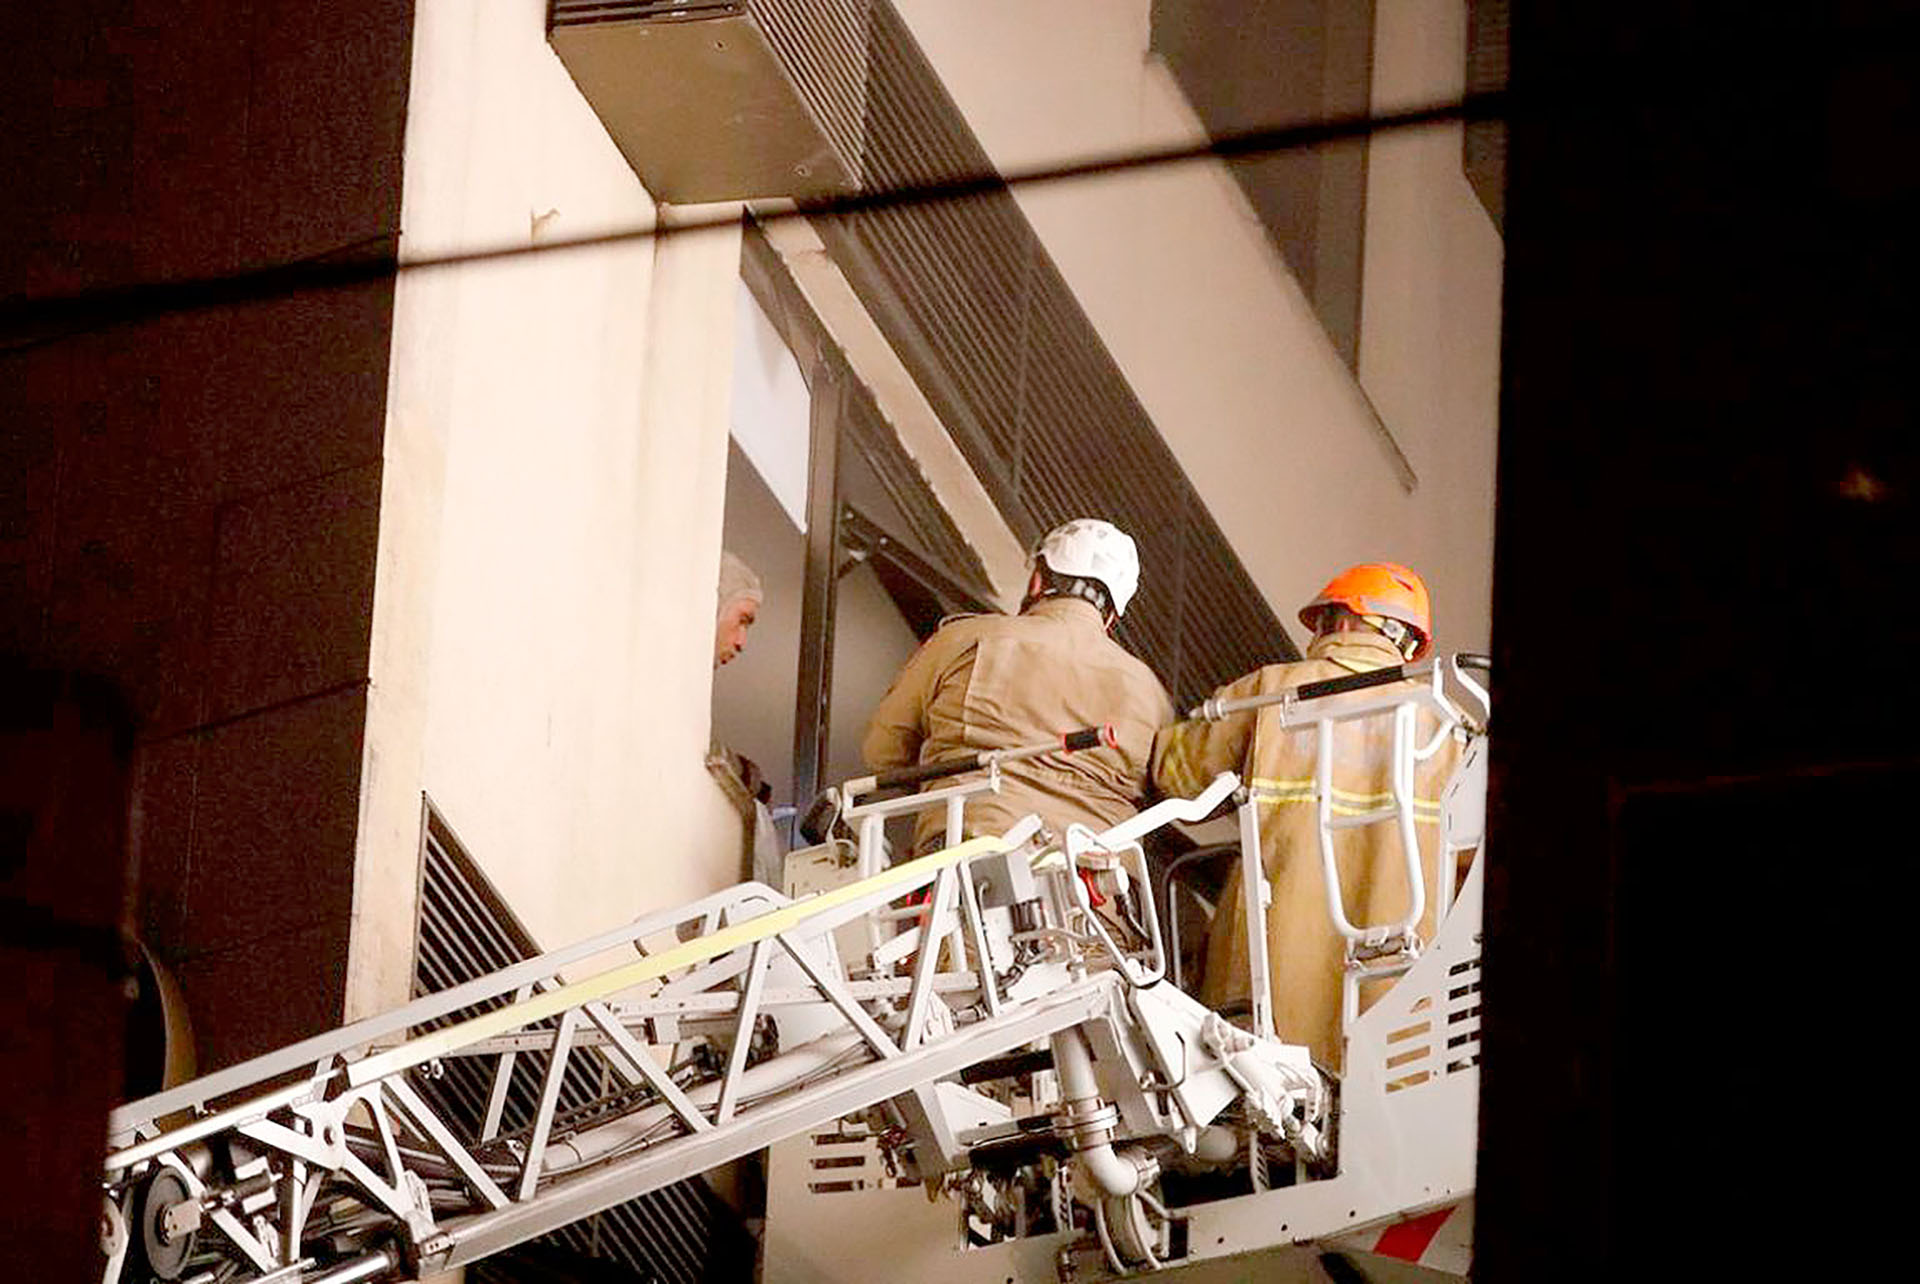 Até setembro de 2019 houve 12 incêndios em hospitais. O do Rio de Janeiro-RJ foi o de maiores proporções e causou 14 mortes Crédito: Fernando Frazão/Agência Brasil